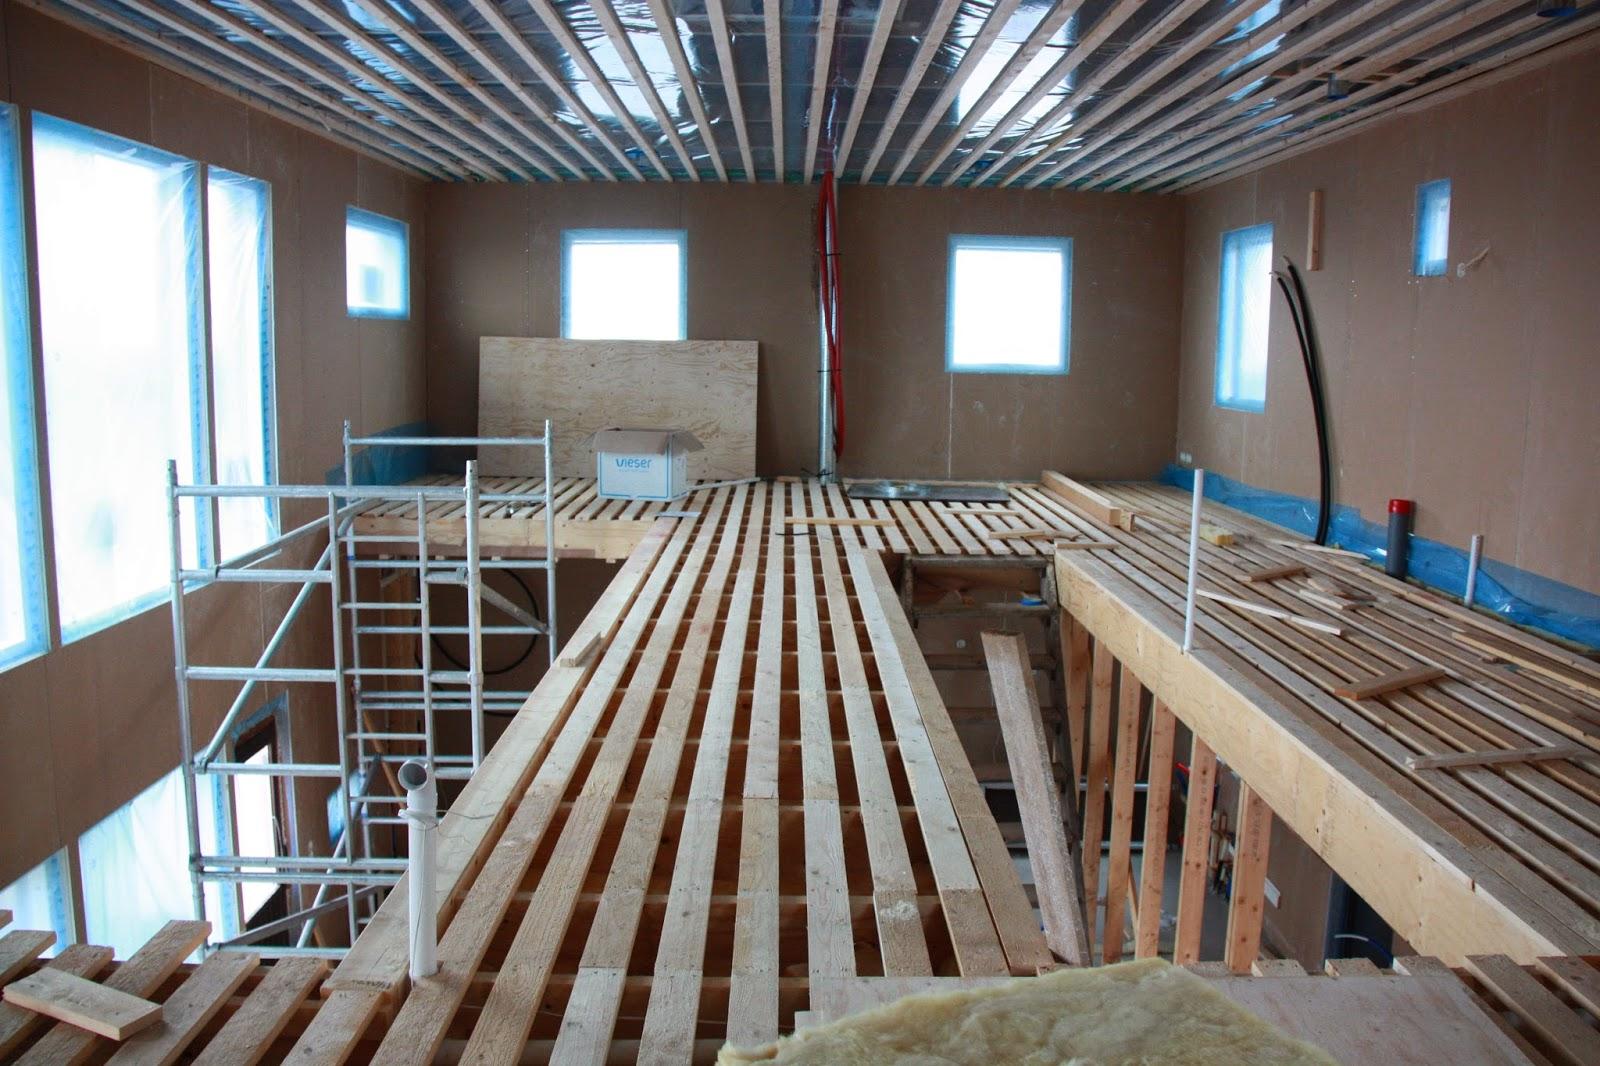 Puuta ja kiveä -raksablogin lastenhuoneet yläkerrassa.